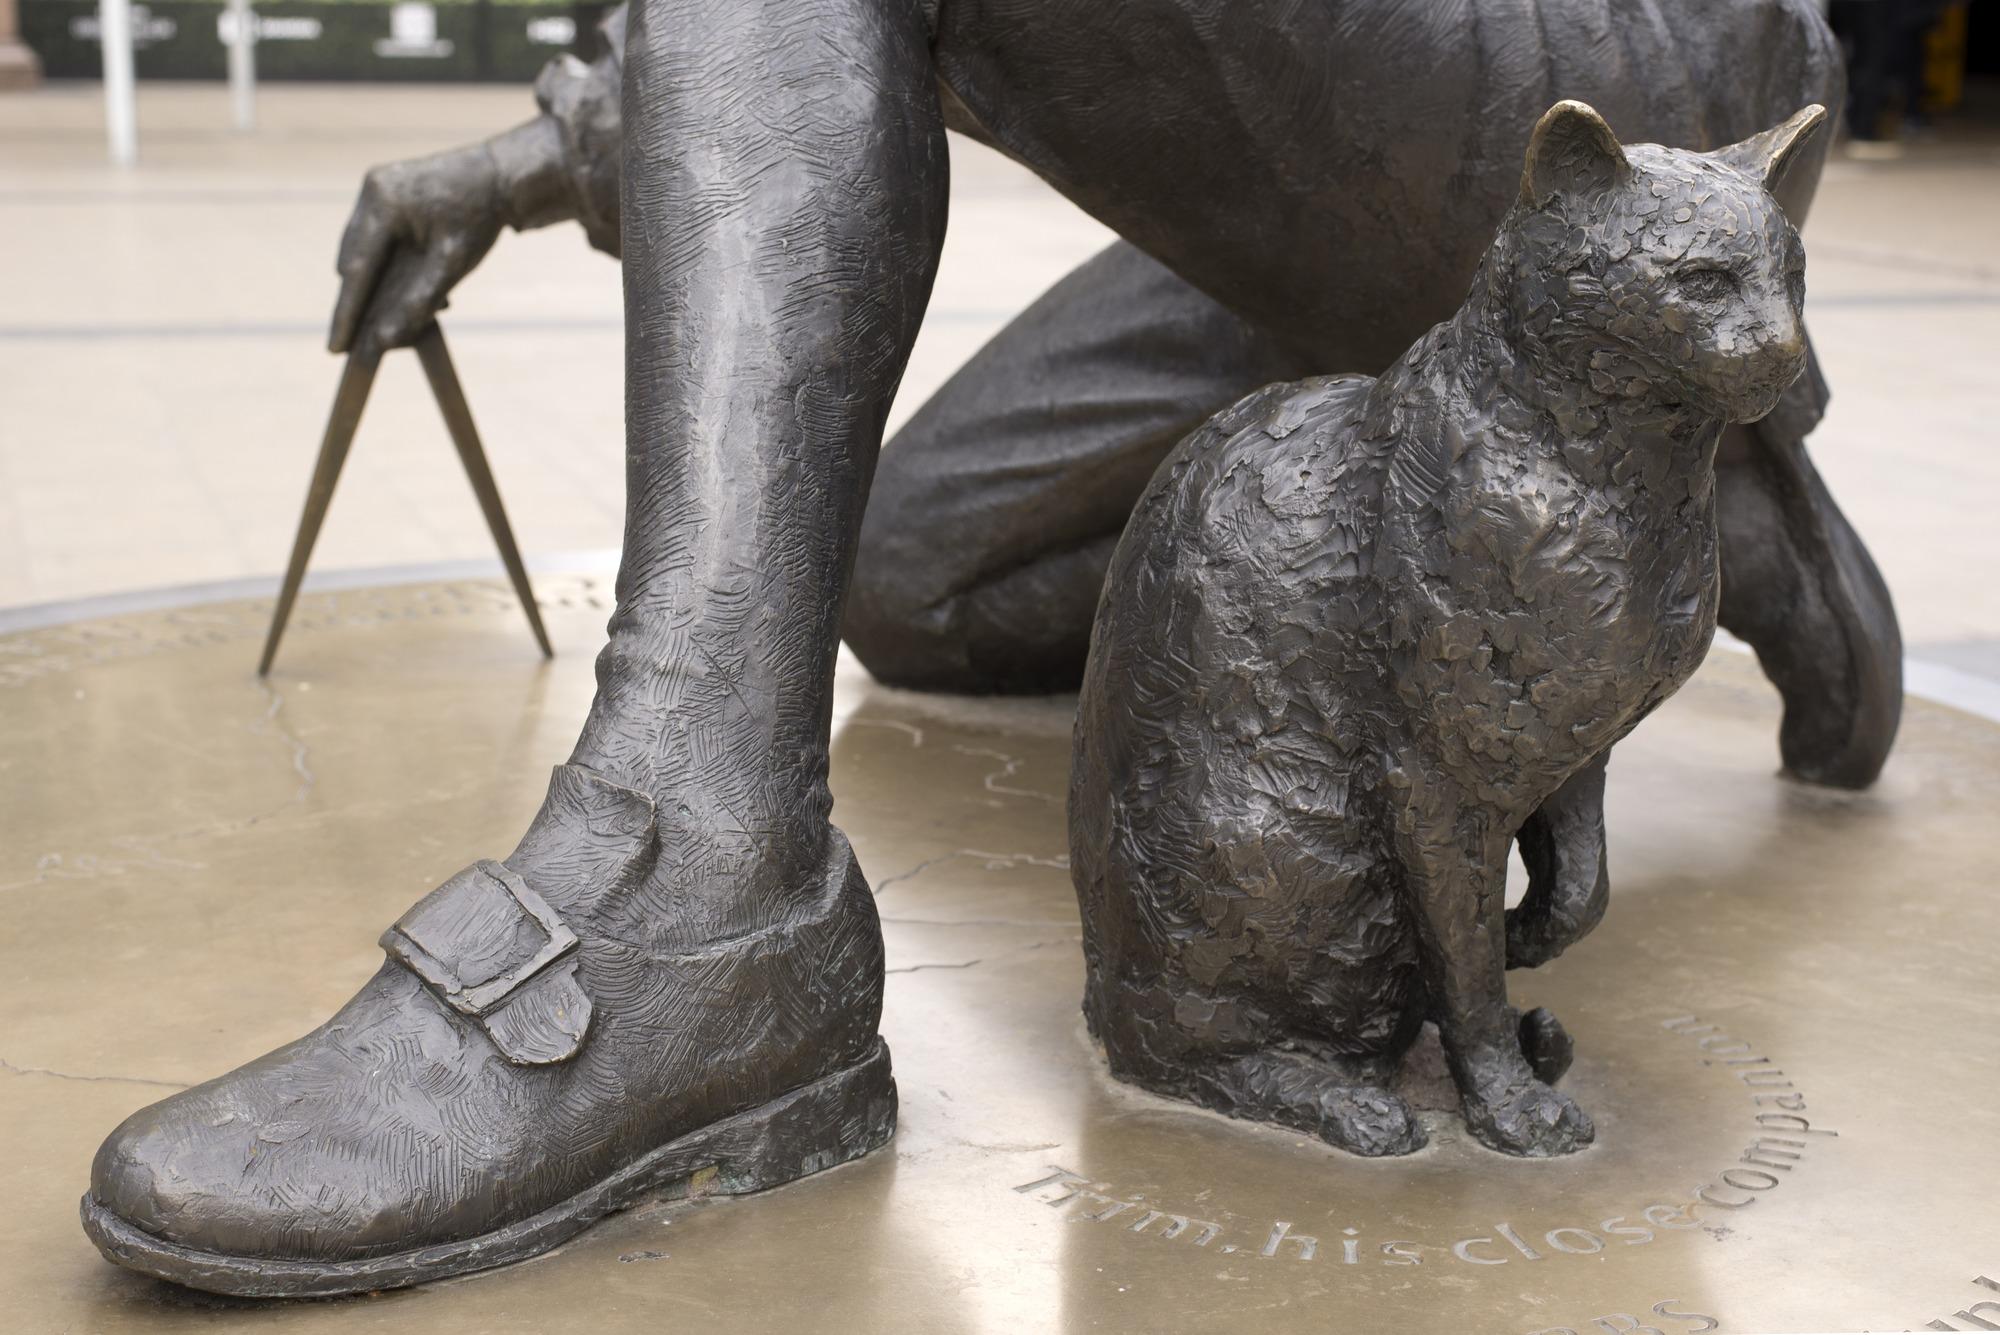 The Matthew Flinders Memorial Statue